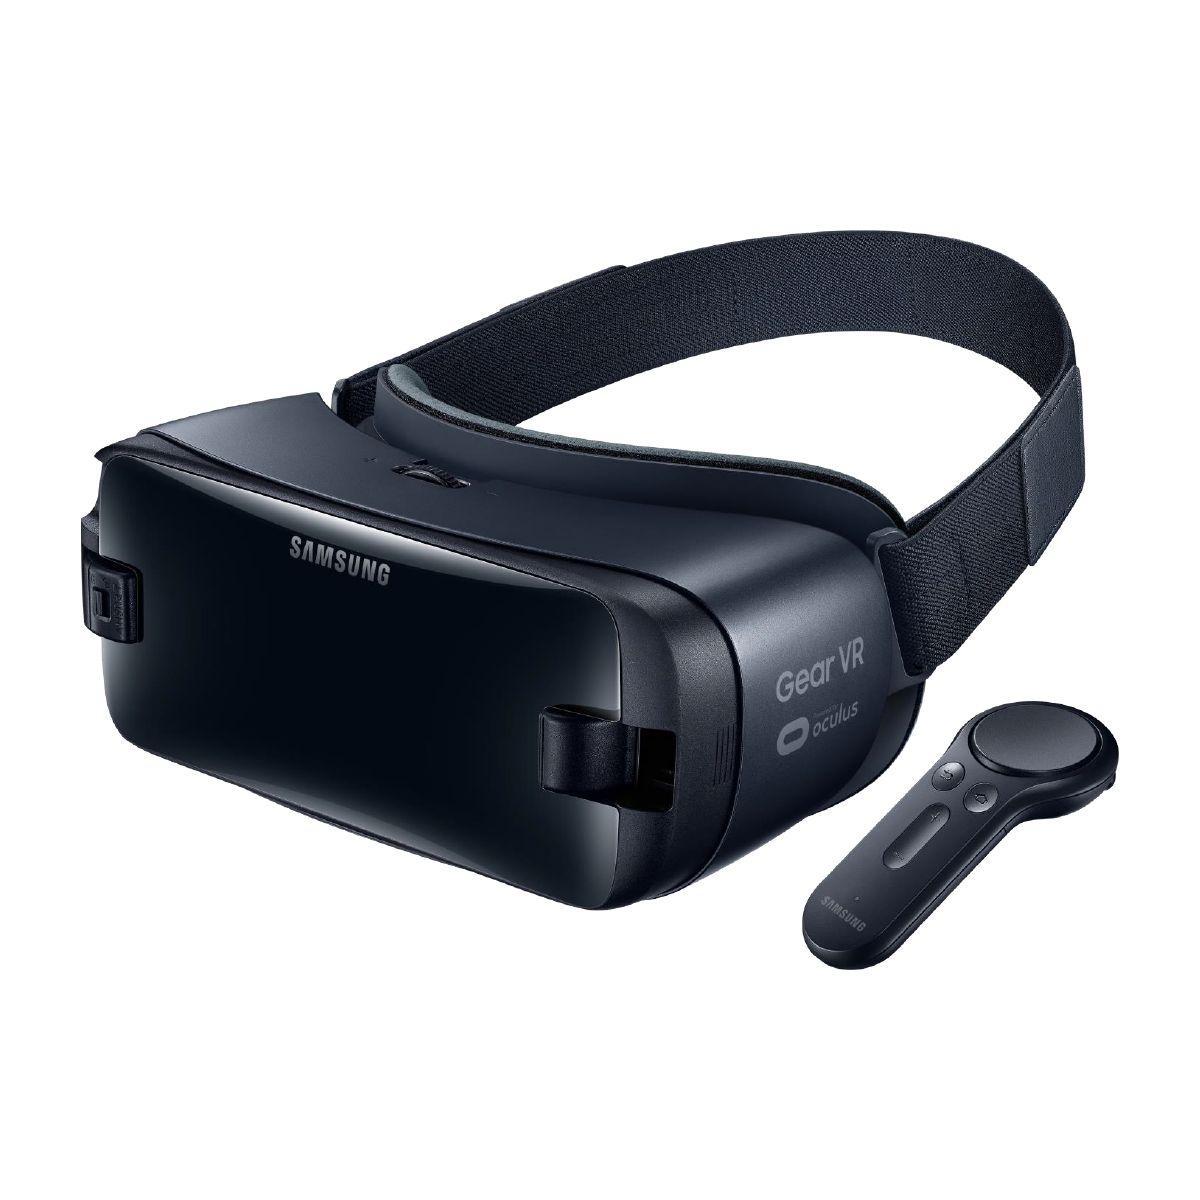 Casque de r�alit� virtuelle samsung gear vr + controleur s6/s7/s8/s9/n8/n9 (photo)